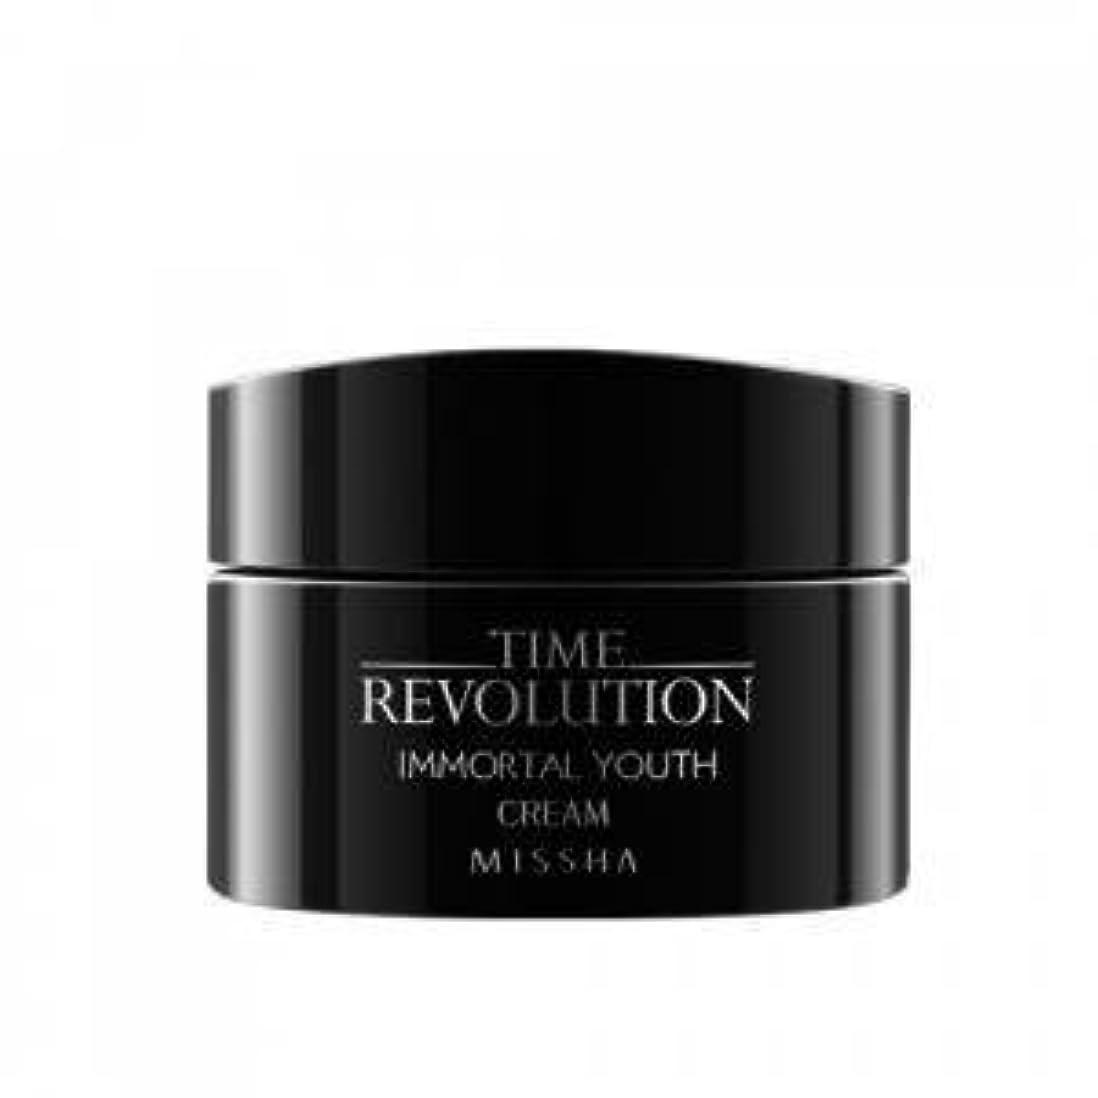 ペンフレンド酸度科学【MISSHA (ミシャ)】 Time Revolution Immortal Youth Cream タイムレボリューション イモータルユース クリーム